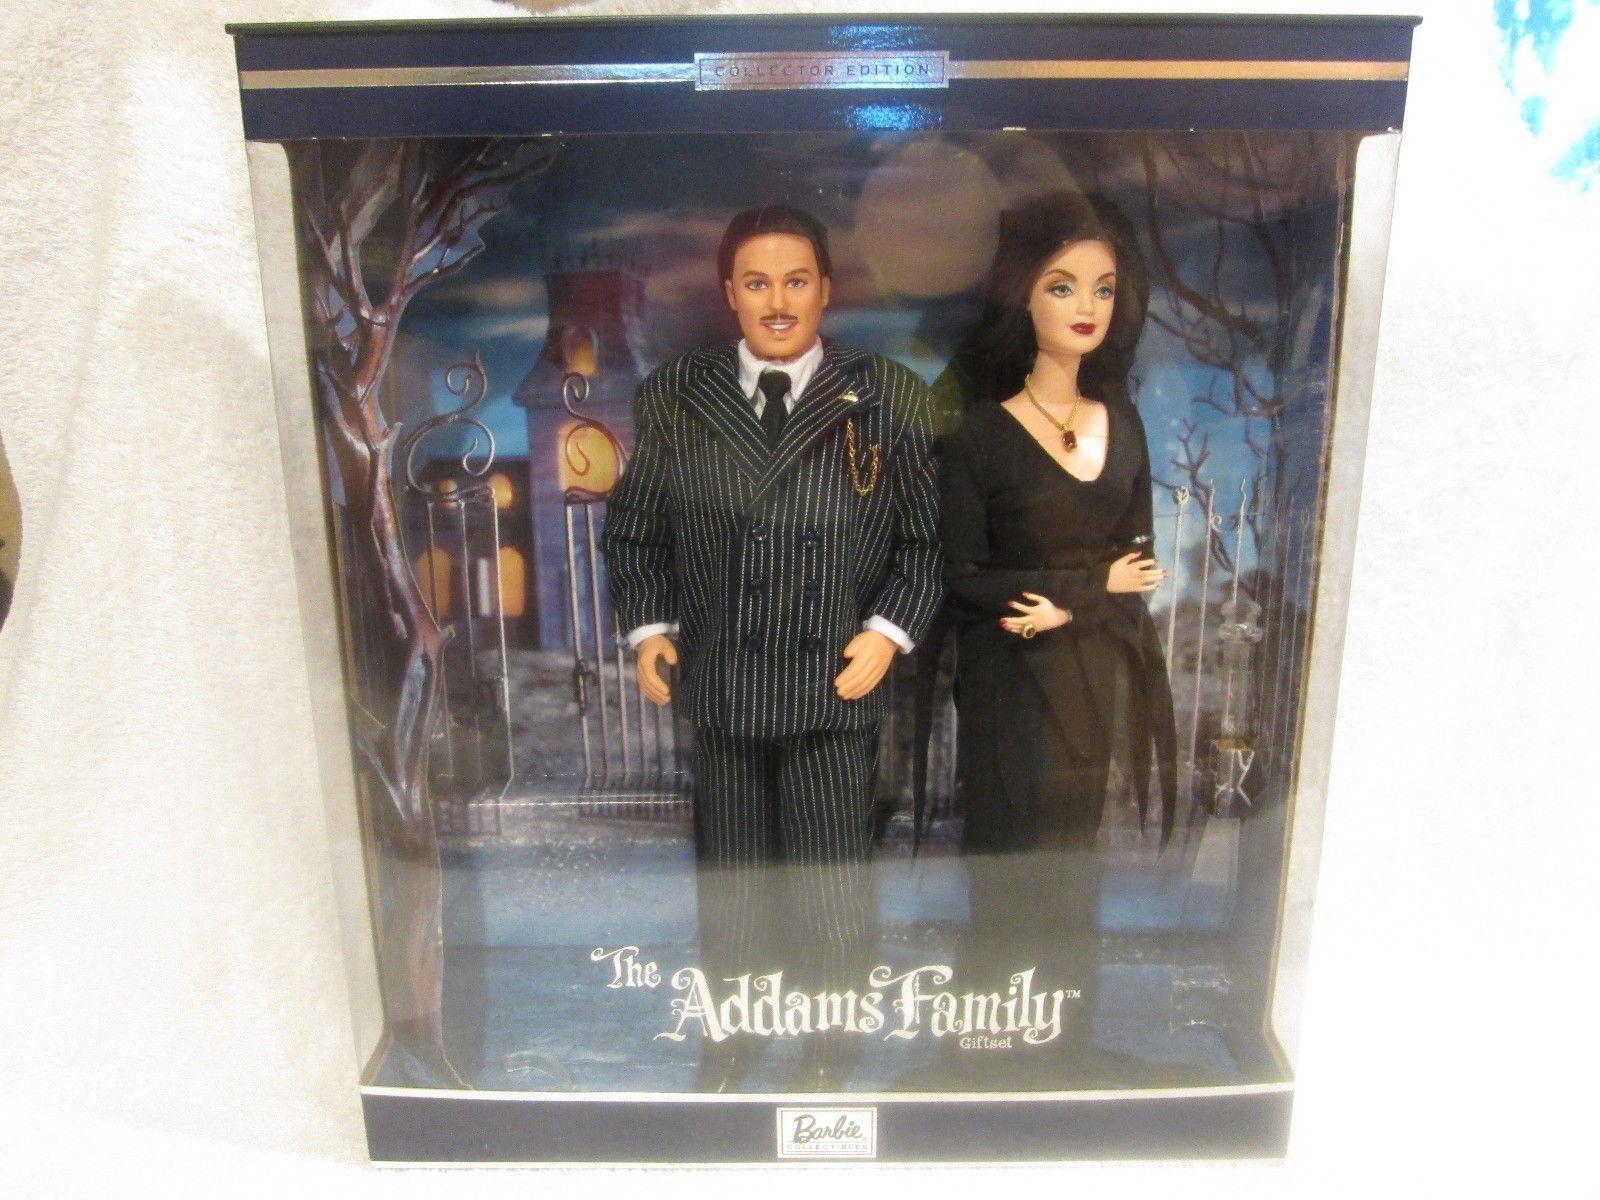 Adams Adams Adams Familia Muñeca Barbie Set 2000  precios mas baratos